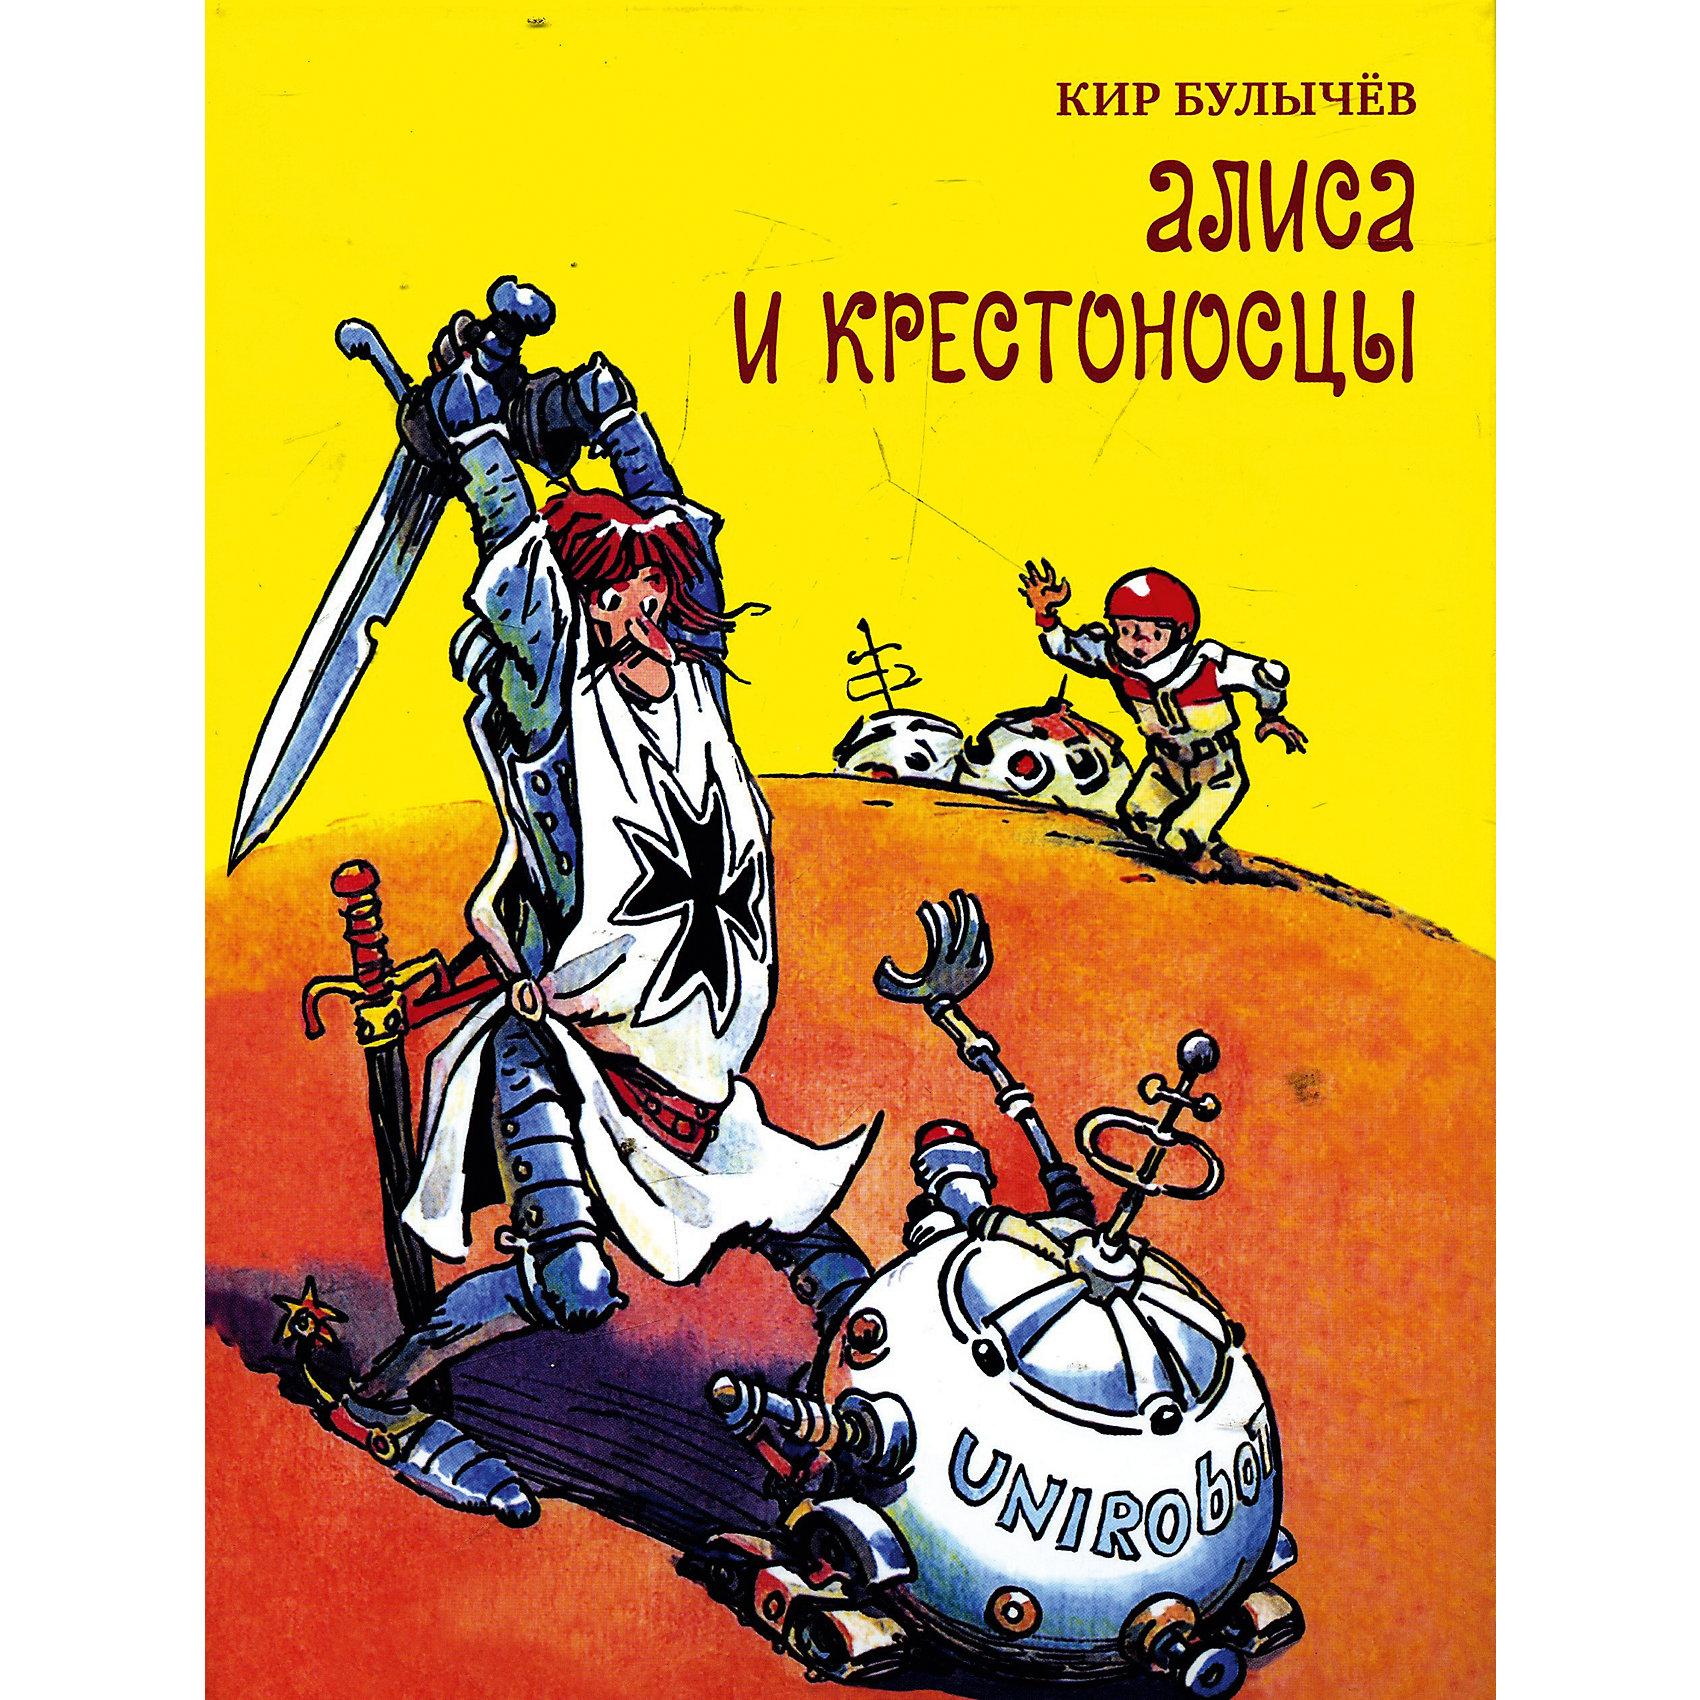 Алиса и крестоносцы, К. Булычев